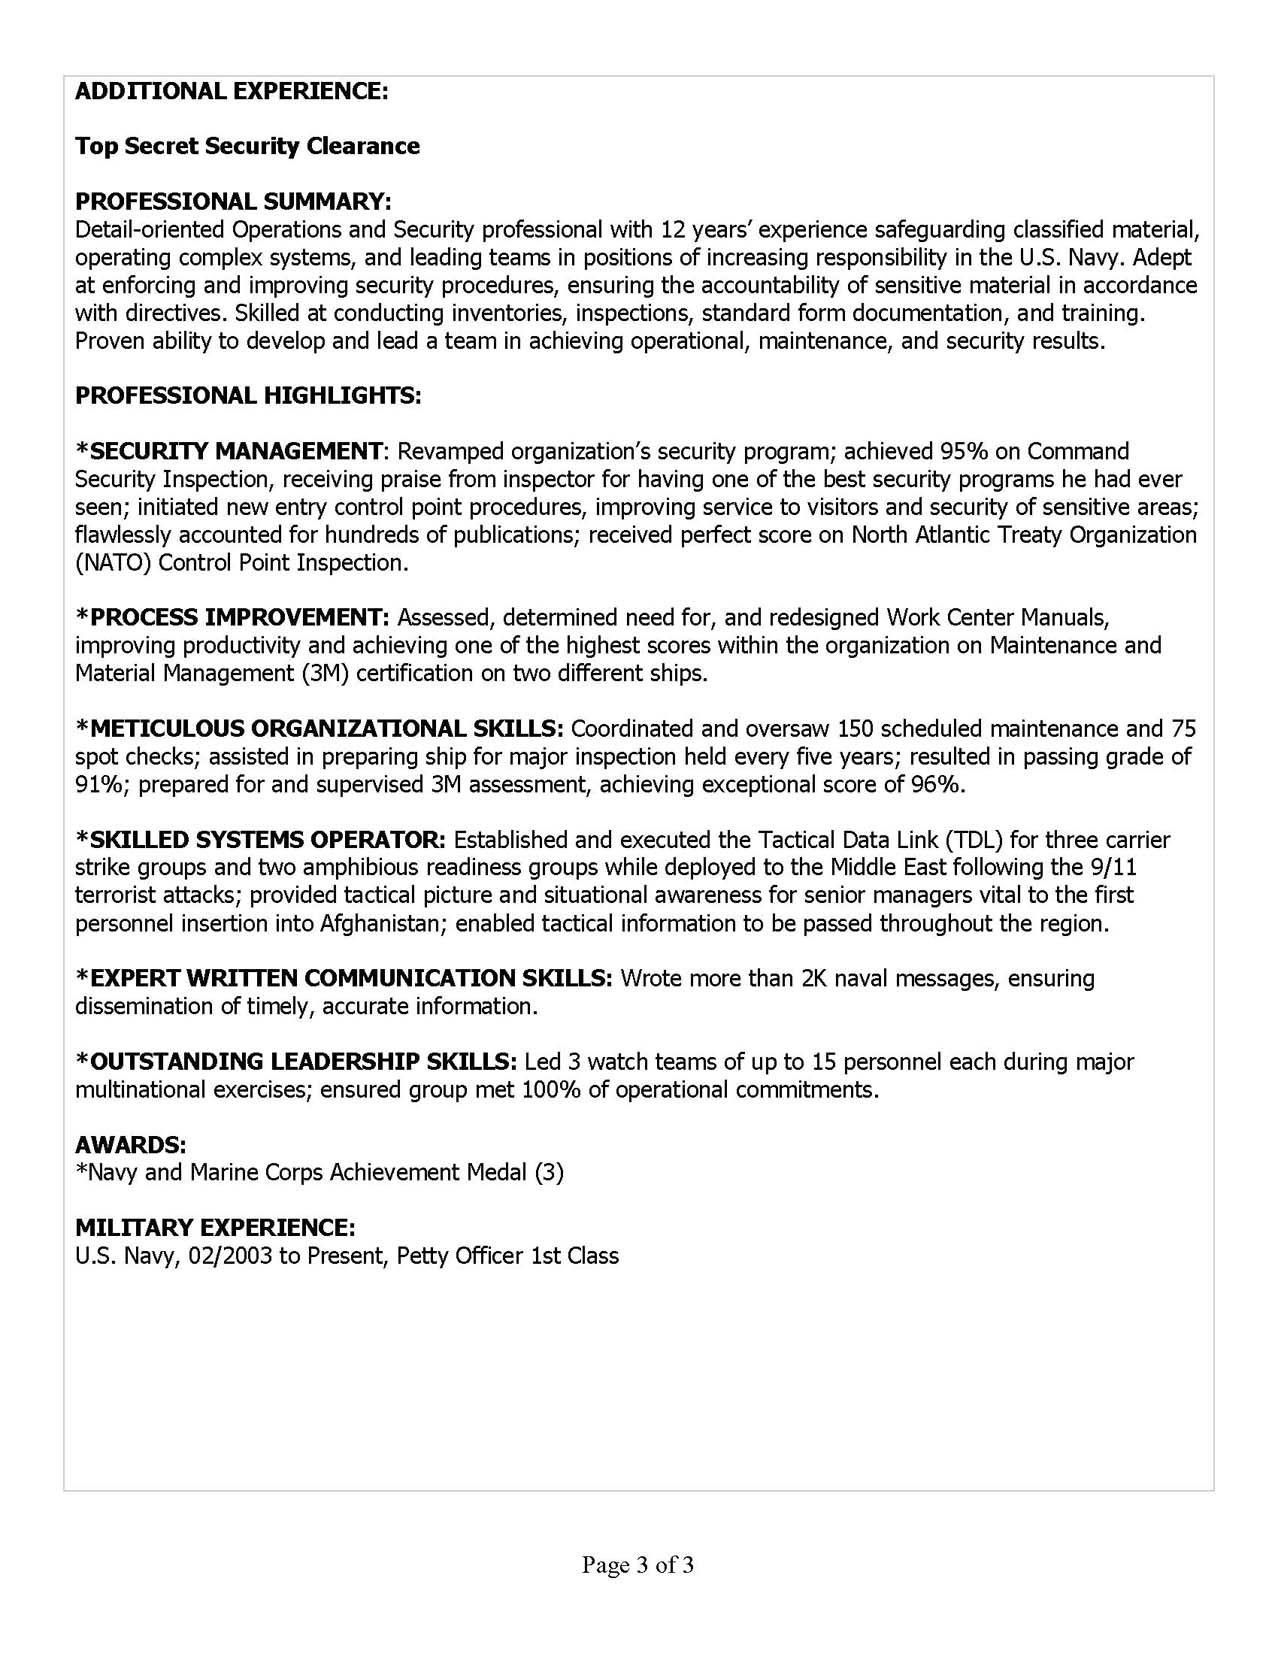 resume for usajobs gov usa jobs builder sample cover letter - Navy Resume Builder